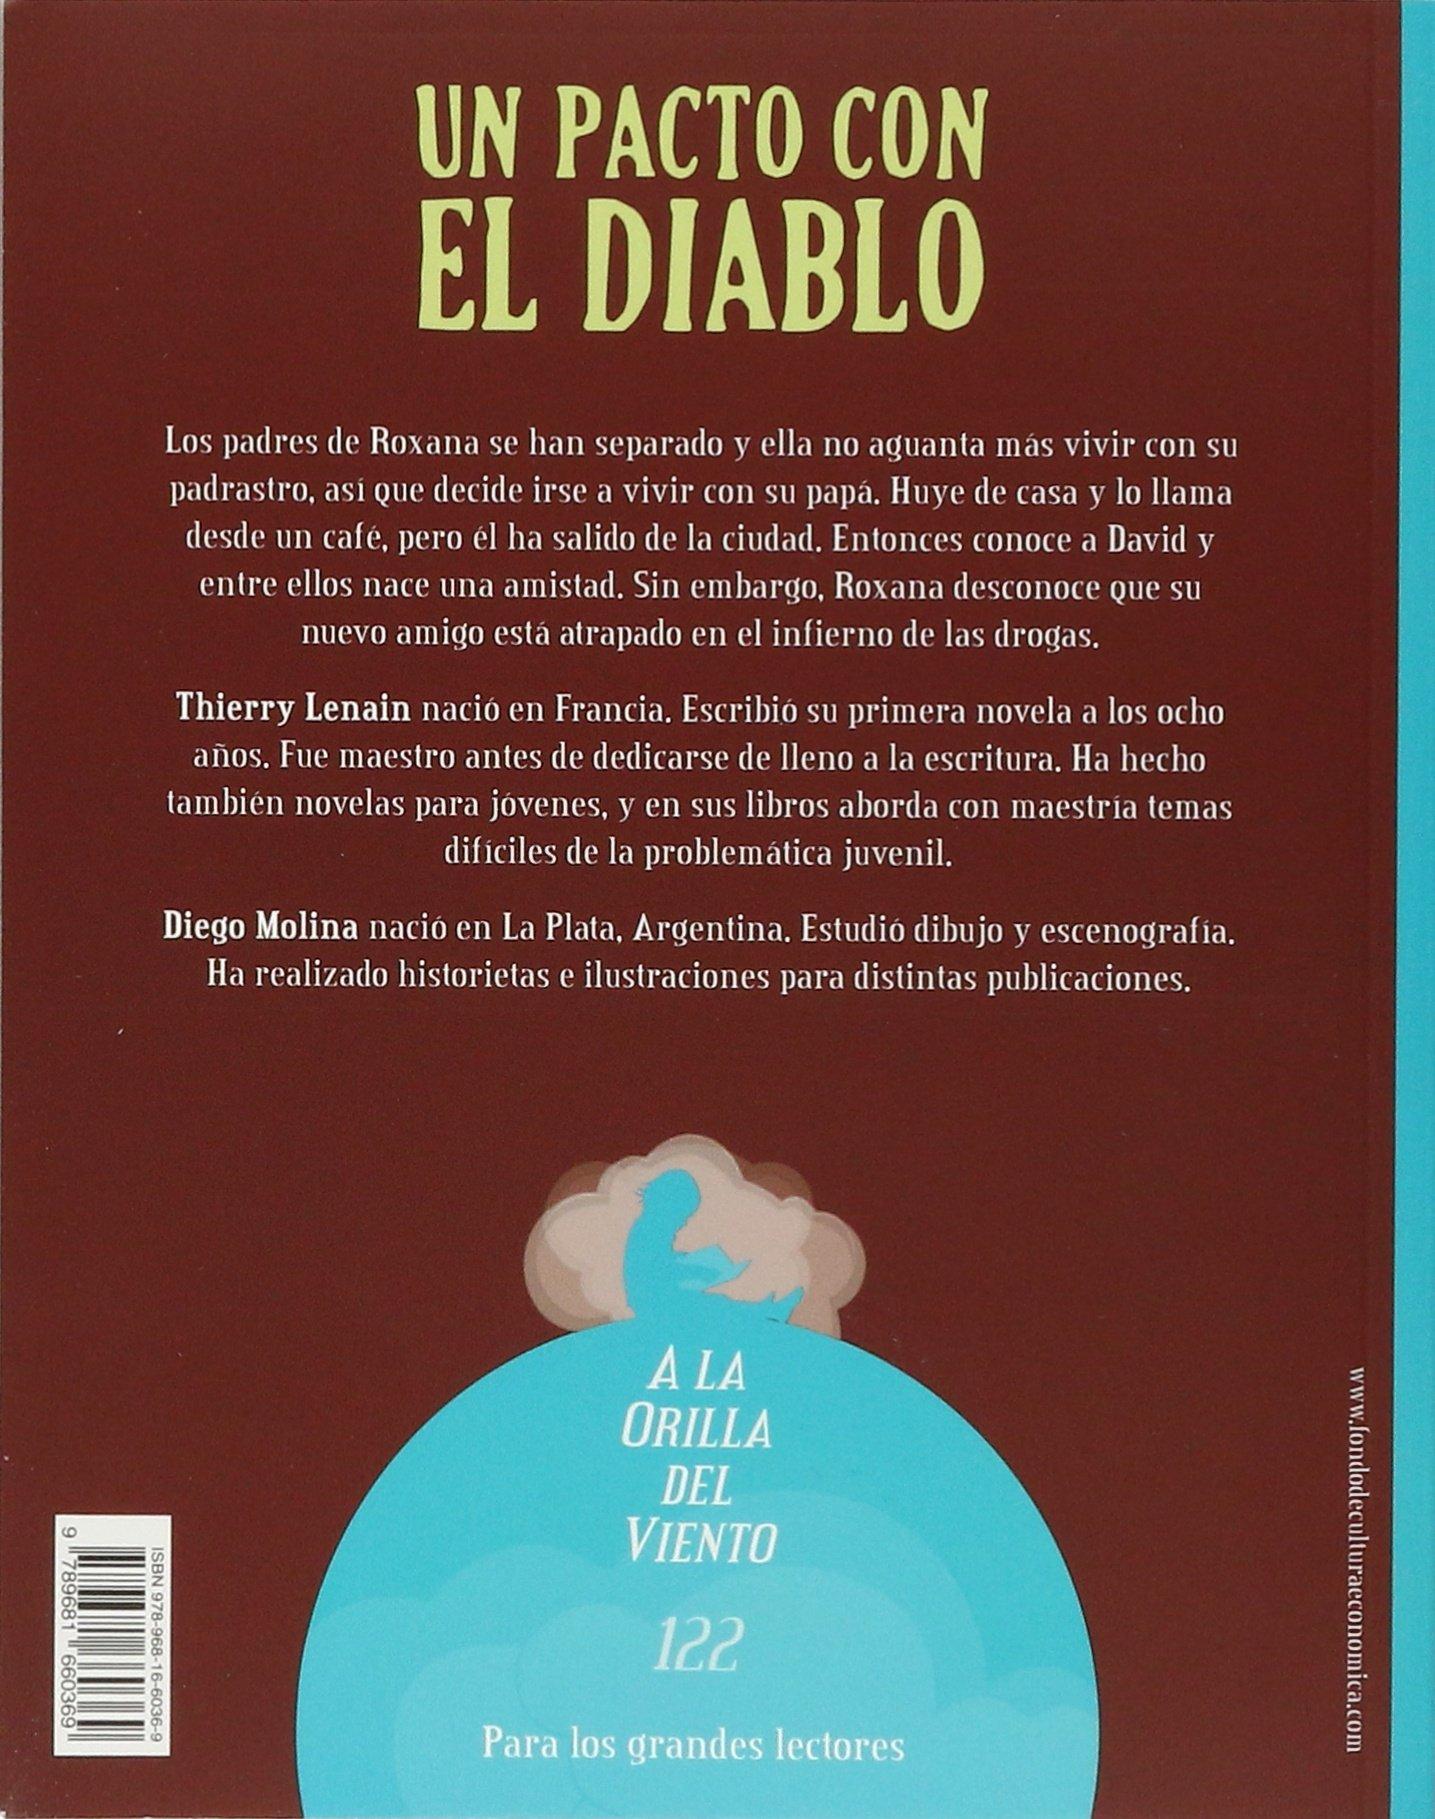 Un pacto con el diablo (A La Orilla Del Viento) (Spanish Edition): Lenain Thierry: 9789681660369: Amazon.com: Books